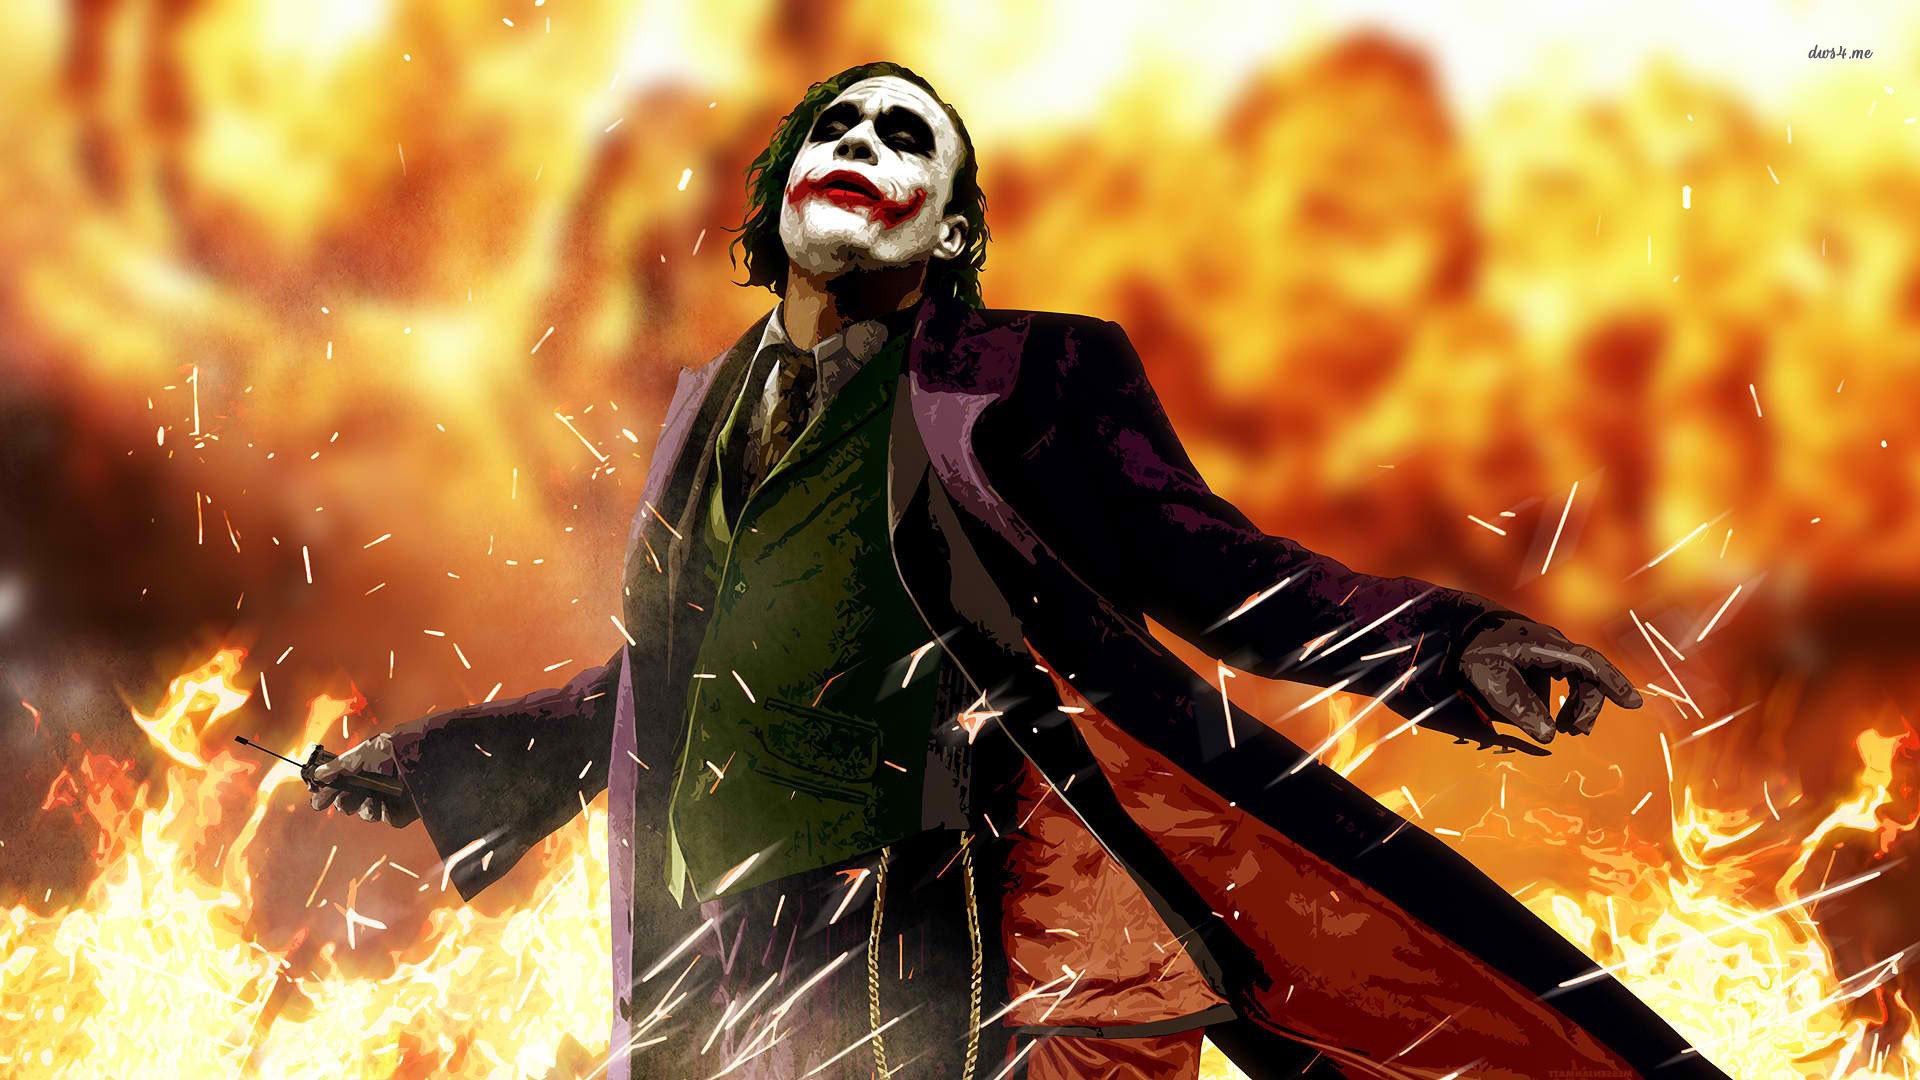 Dark Knight Joker Wallpaper (73+ images)